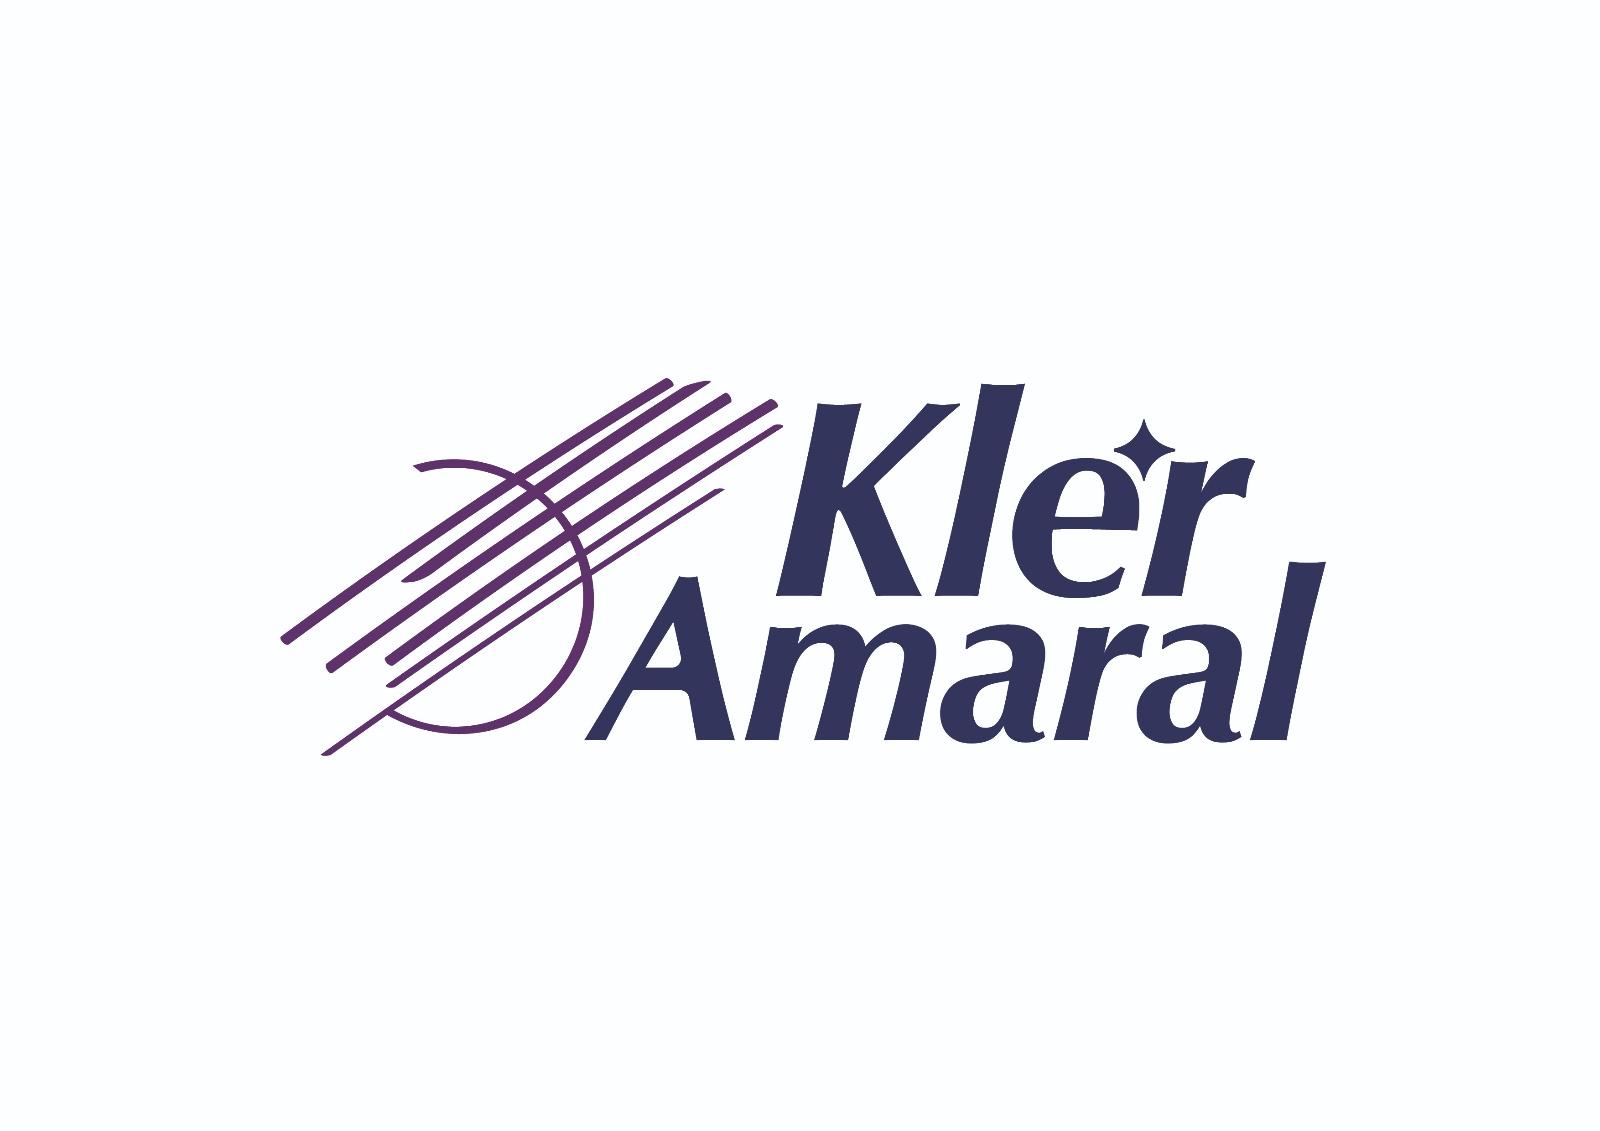 170816_AF_KlerAmaral-01